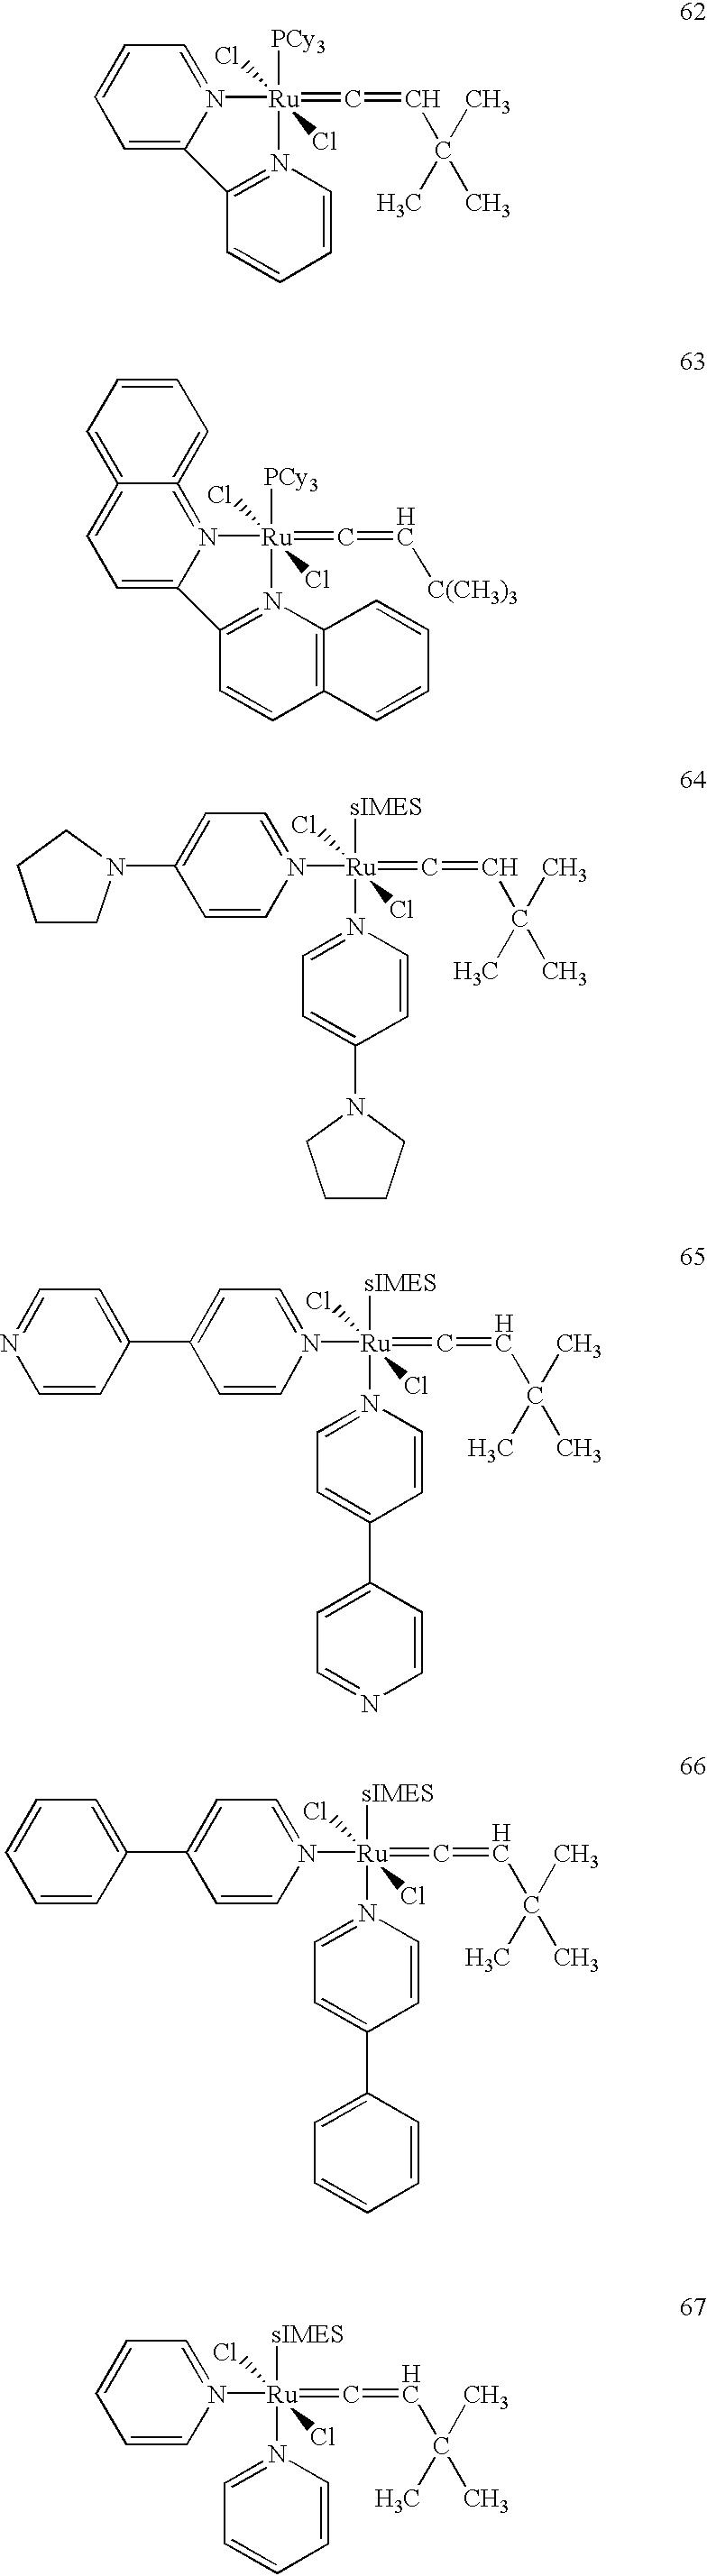 Figure US06818586-20041116-C00023